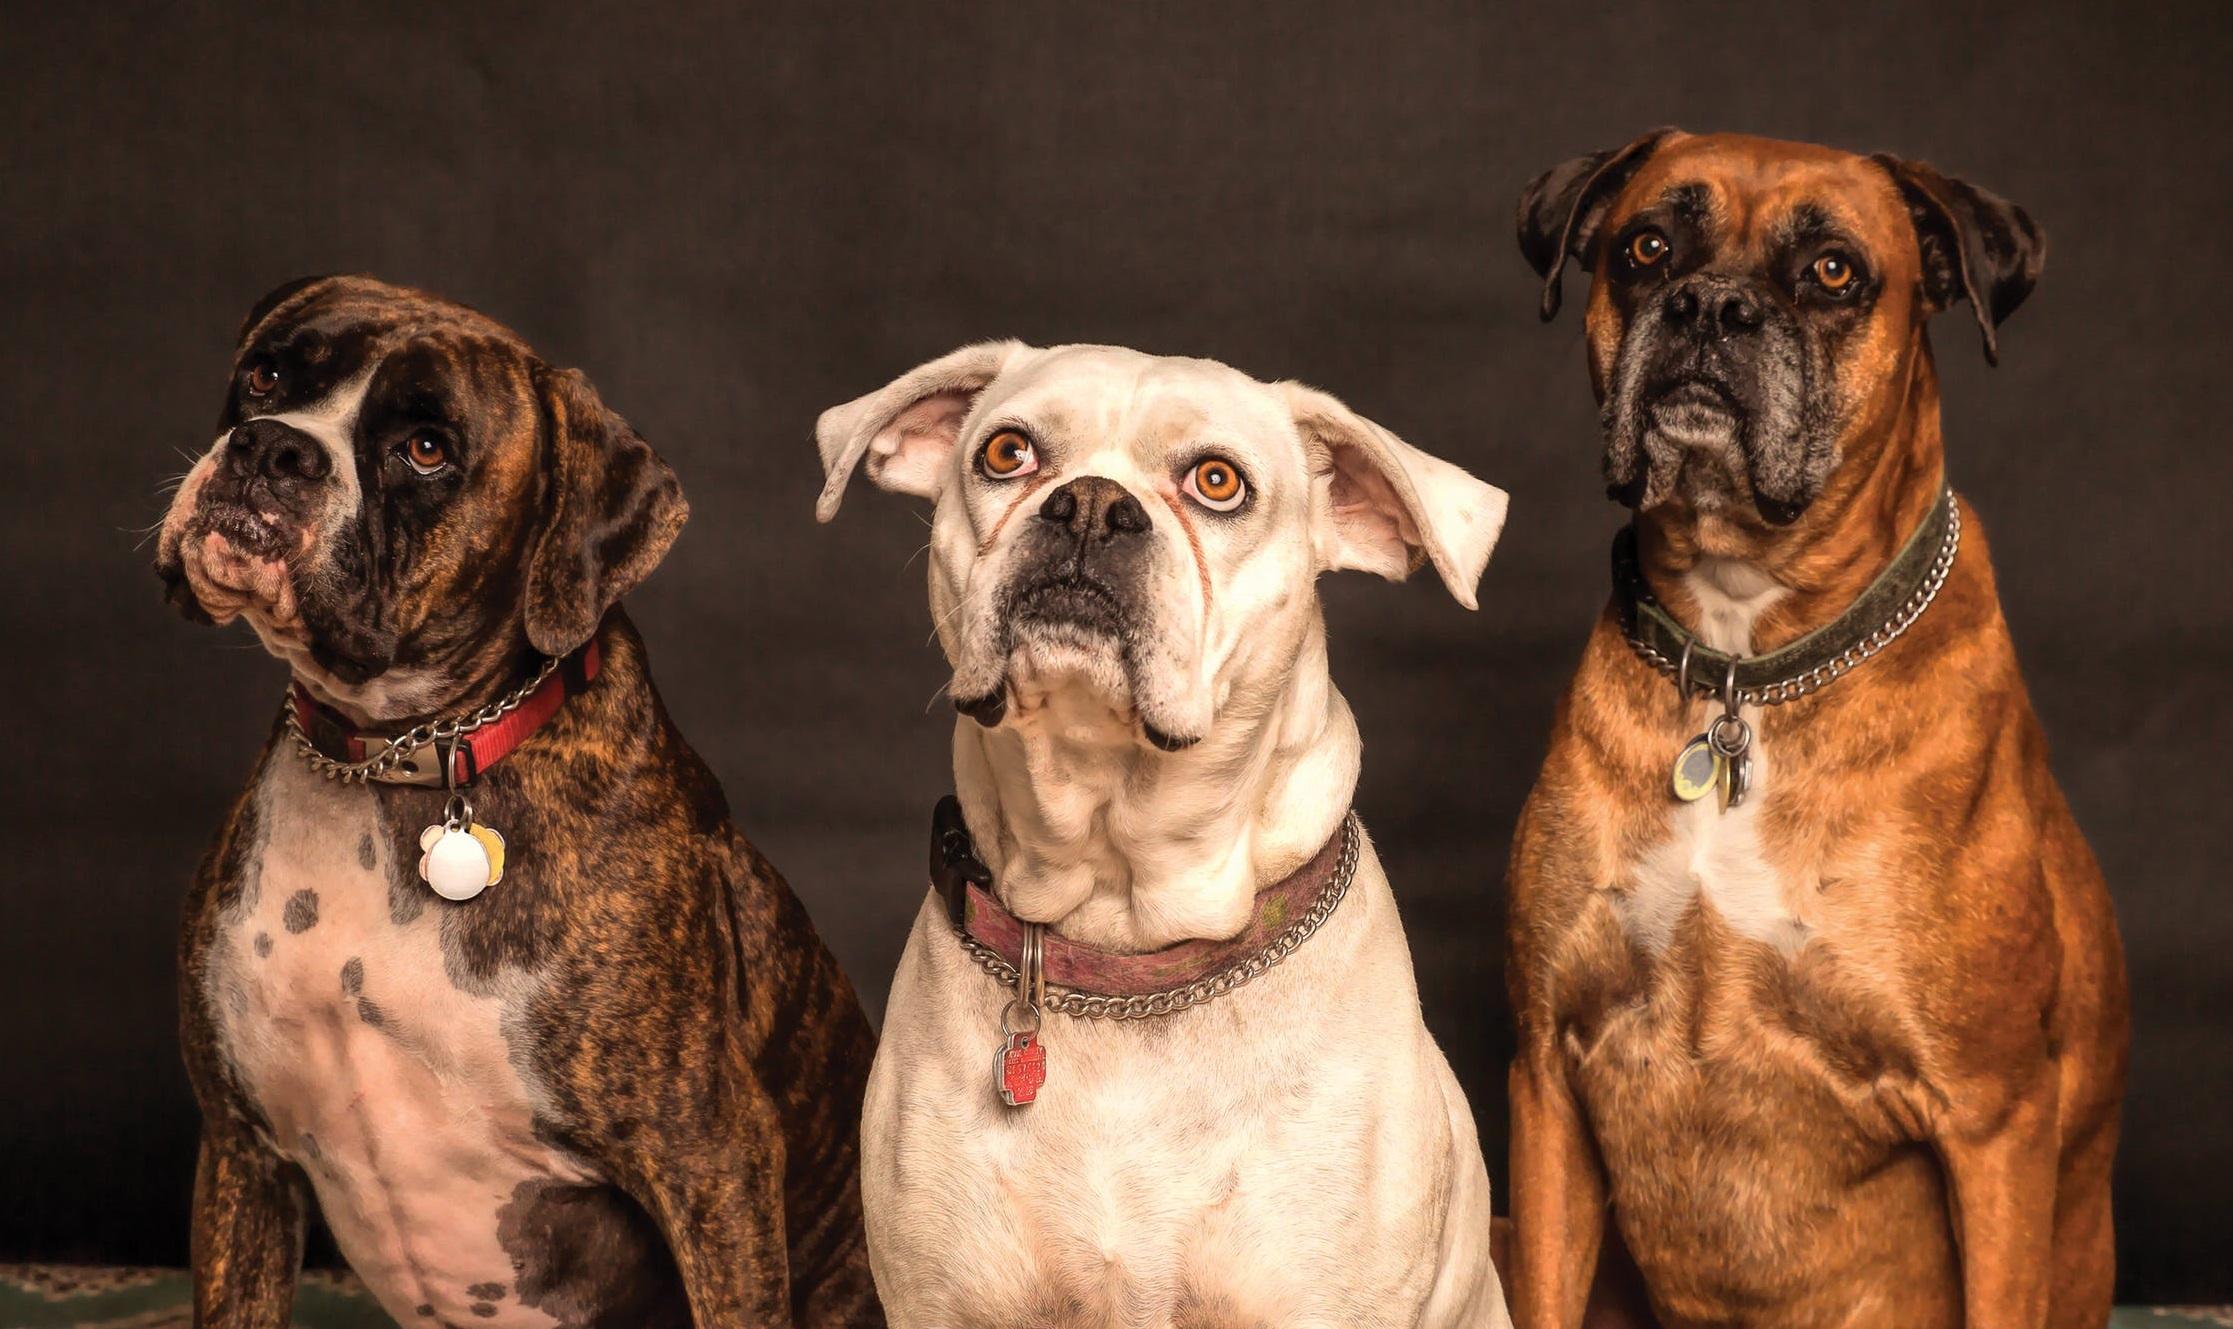 Топ-5 потенциально опасных собак. В России составили список агрессивных пород